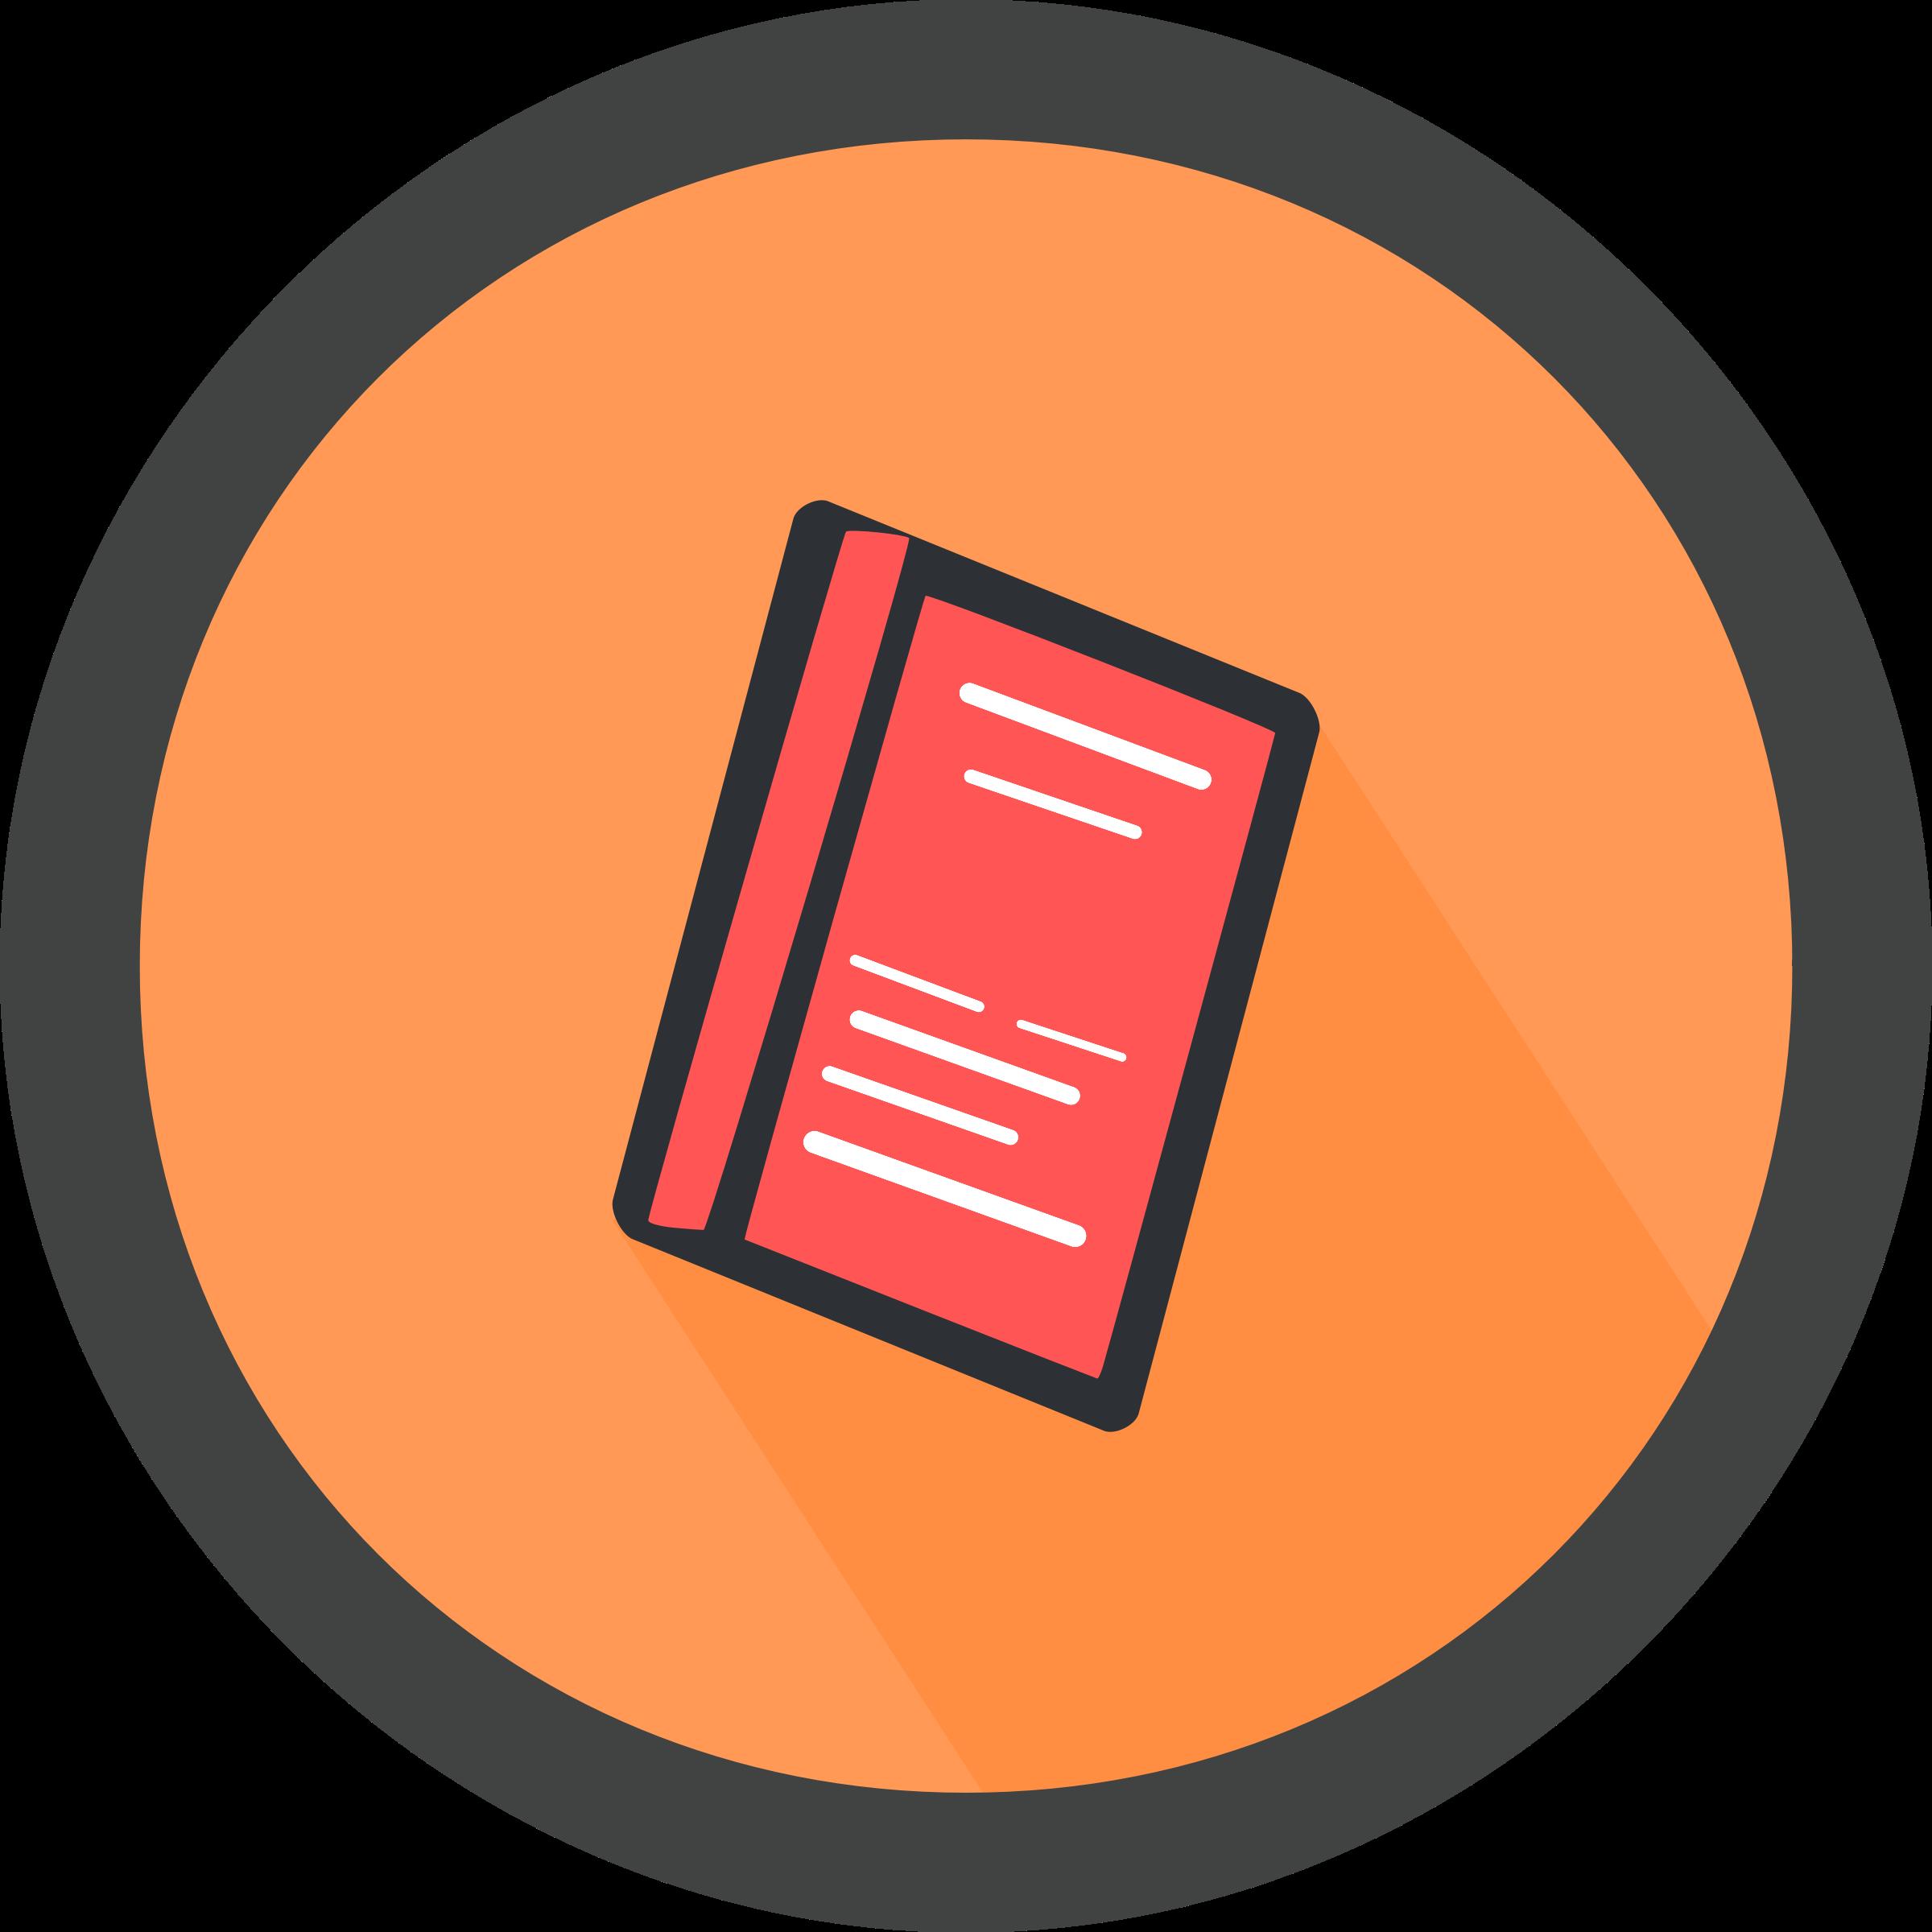 Book. List clipart icon